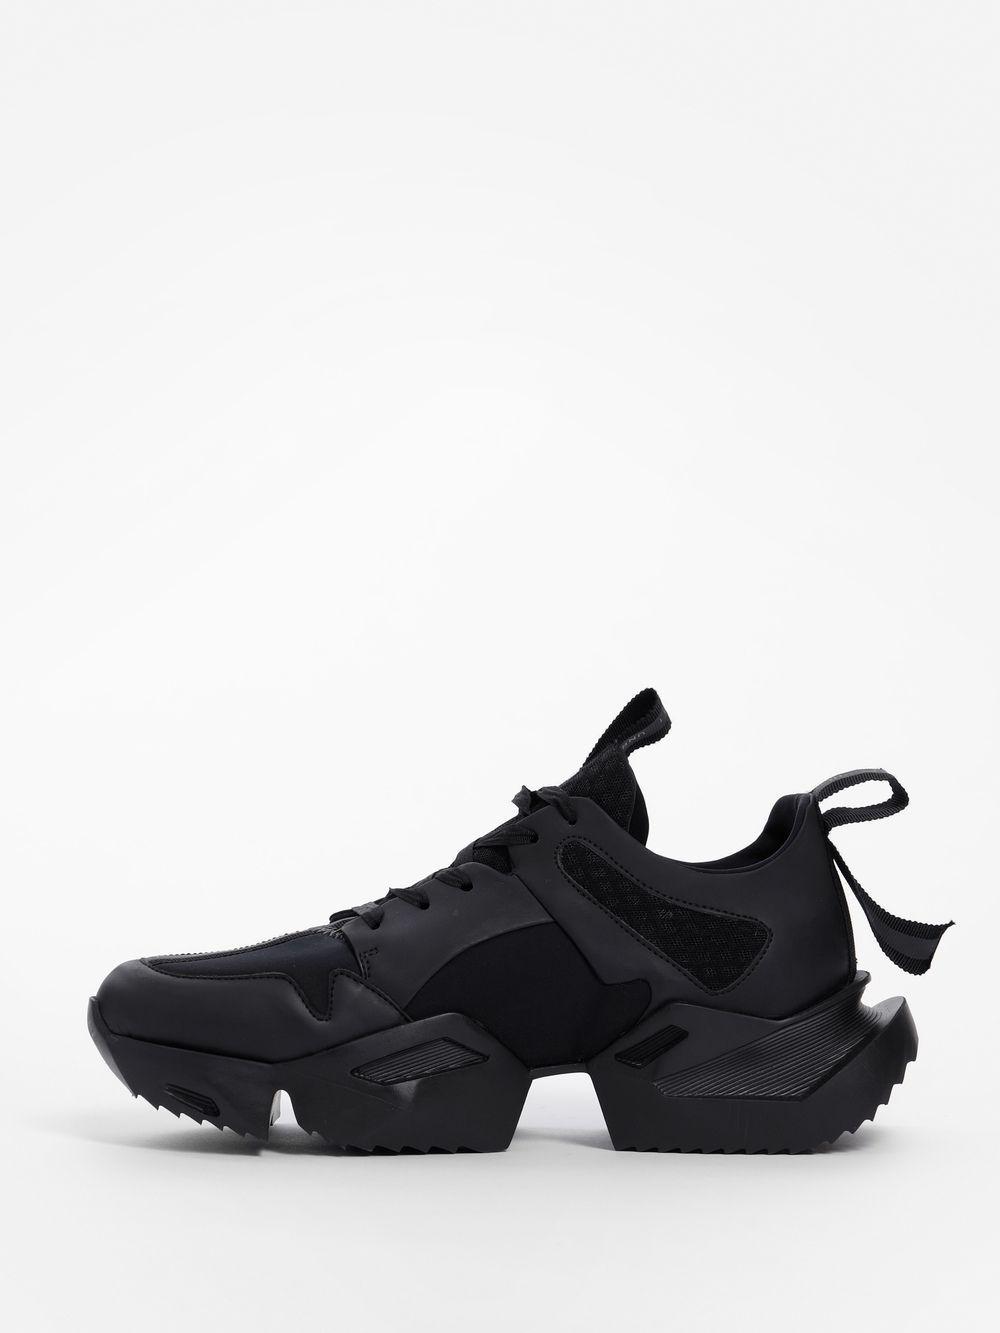 Sneakers men fashion, Shoes